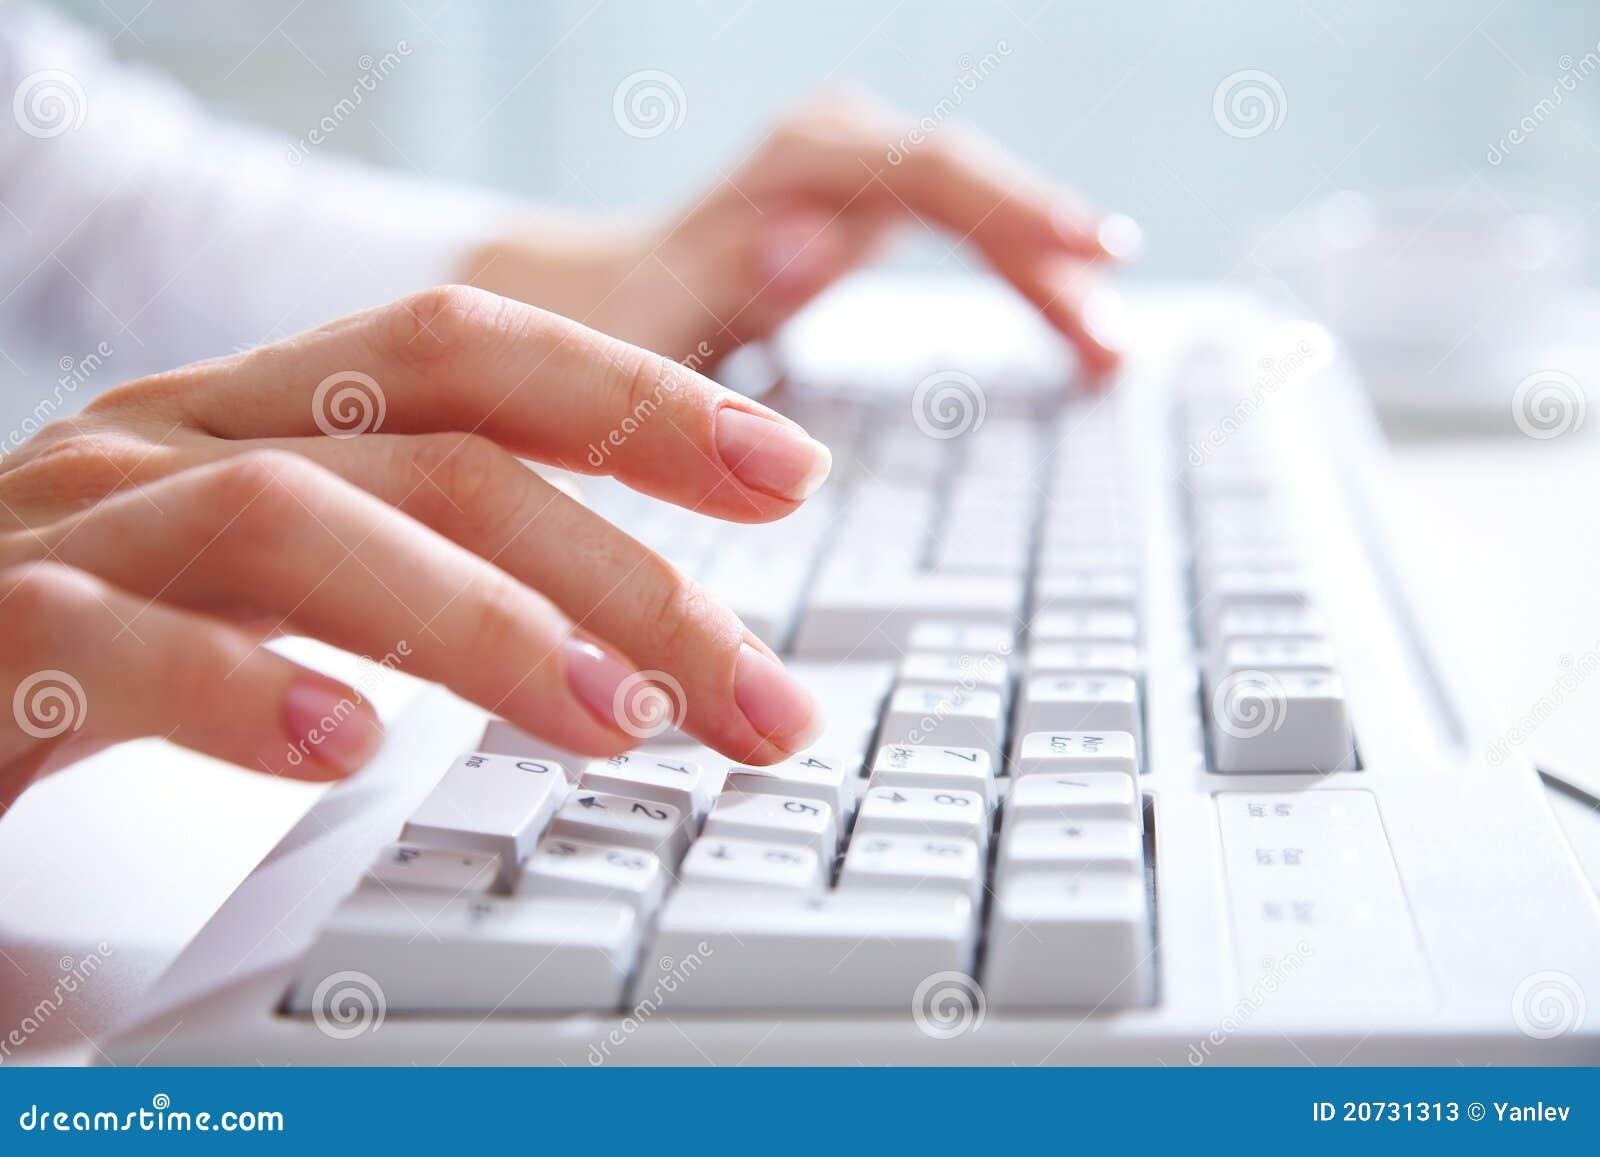 Komputer wręcza klawiaturę